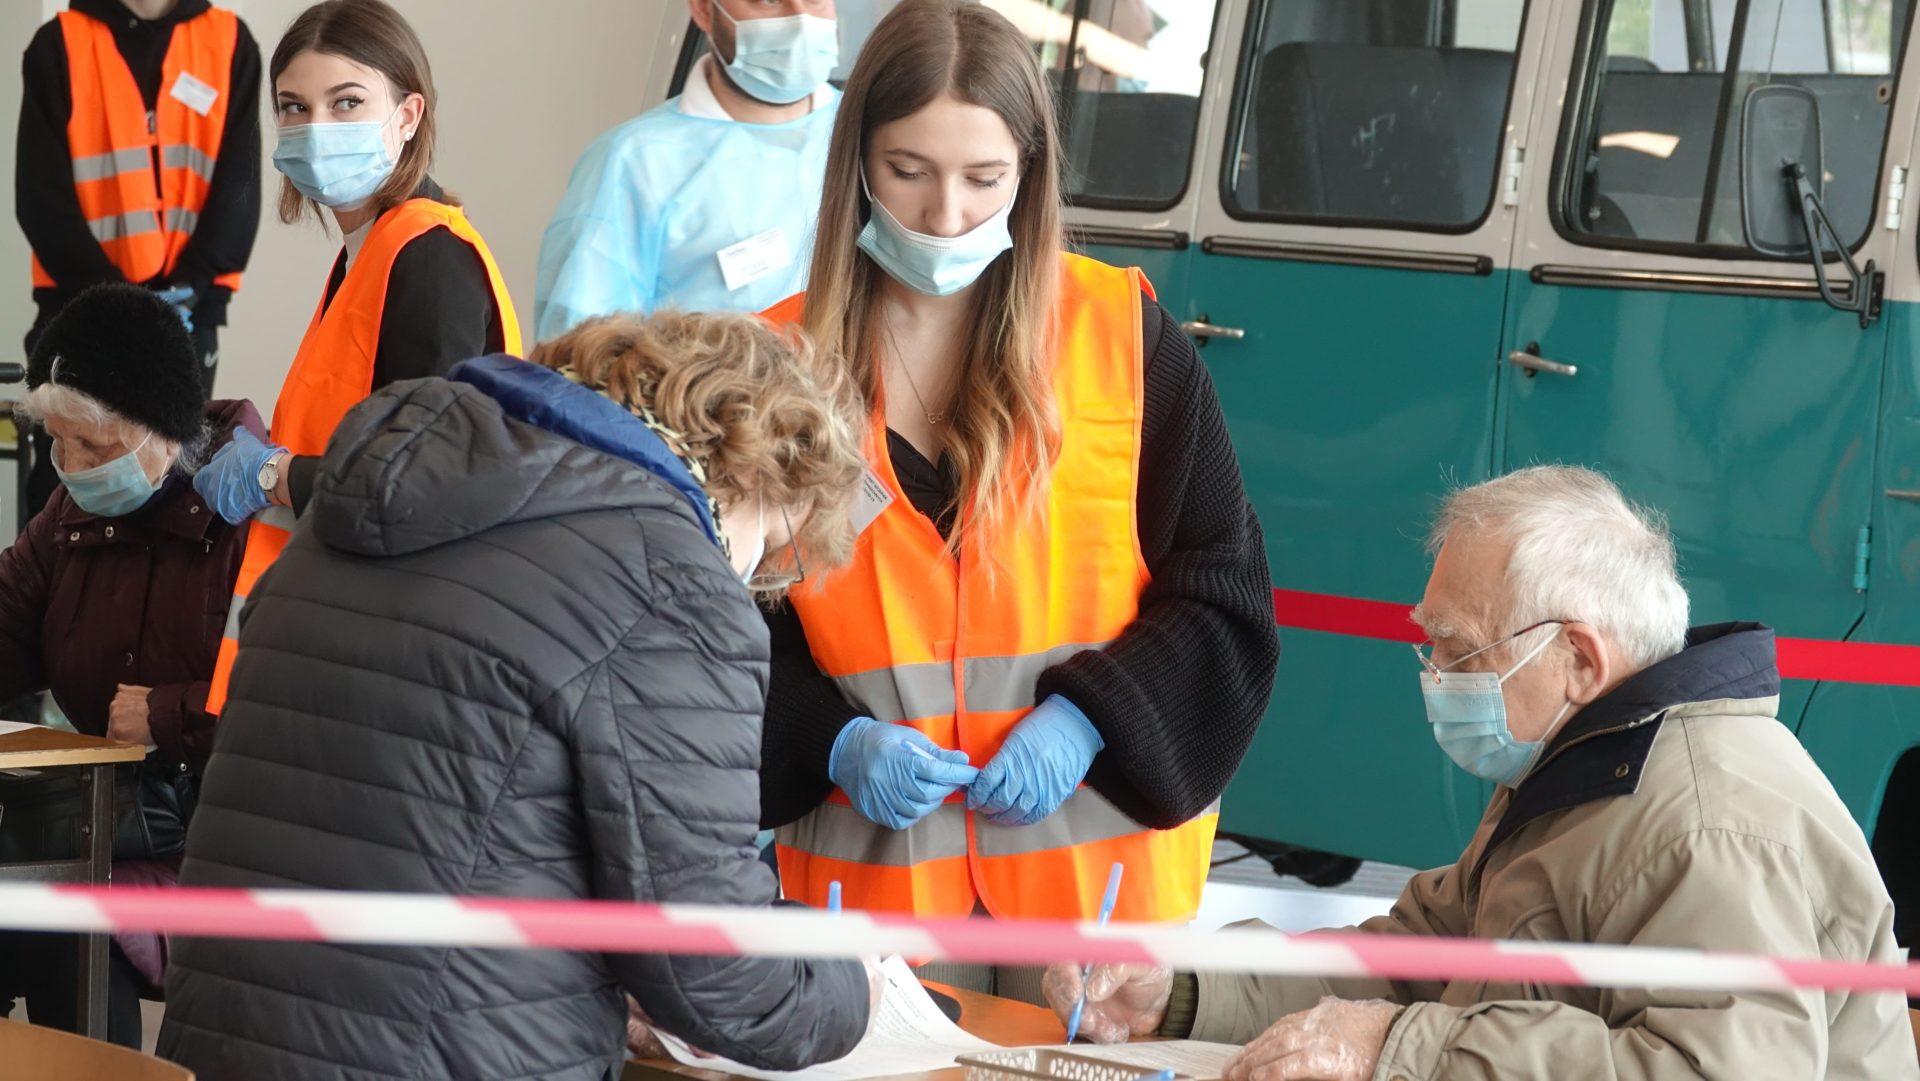 RuszyBy szczepienia w Hali Nysa. W maju zaszczepimy si równie| w NDK